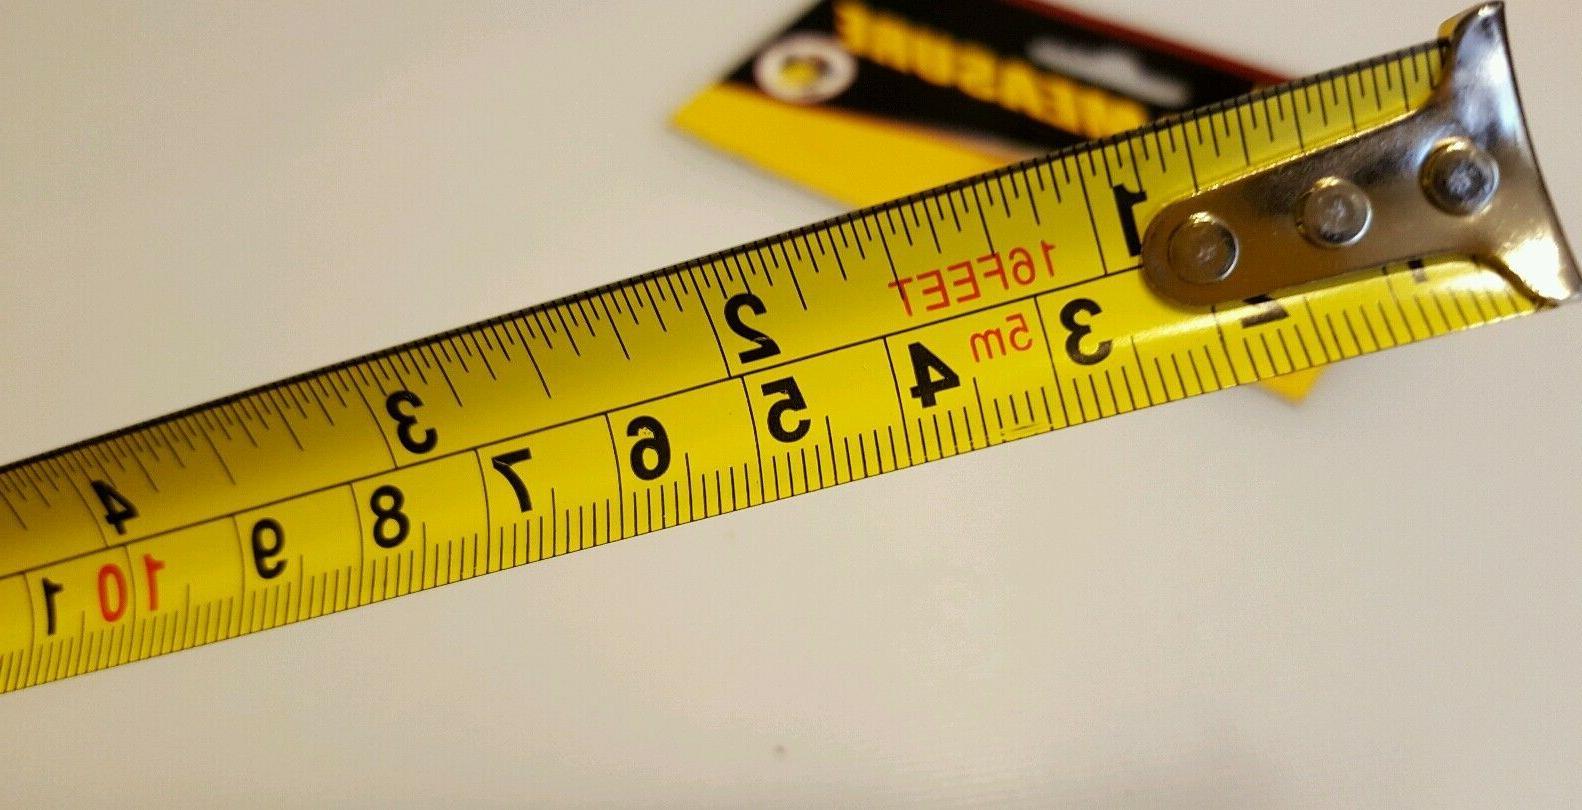 Measuring 16 ft x metric